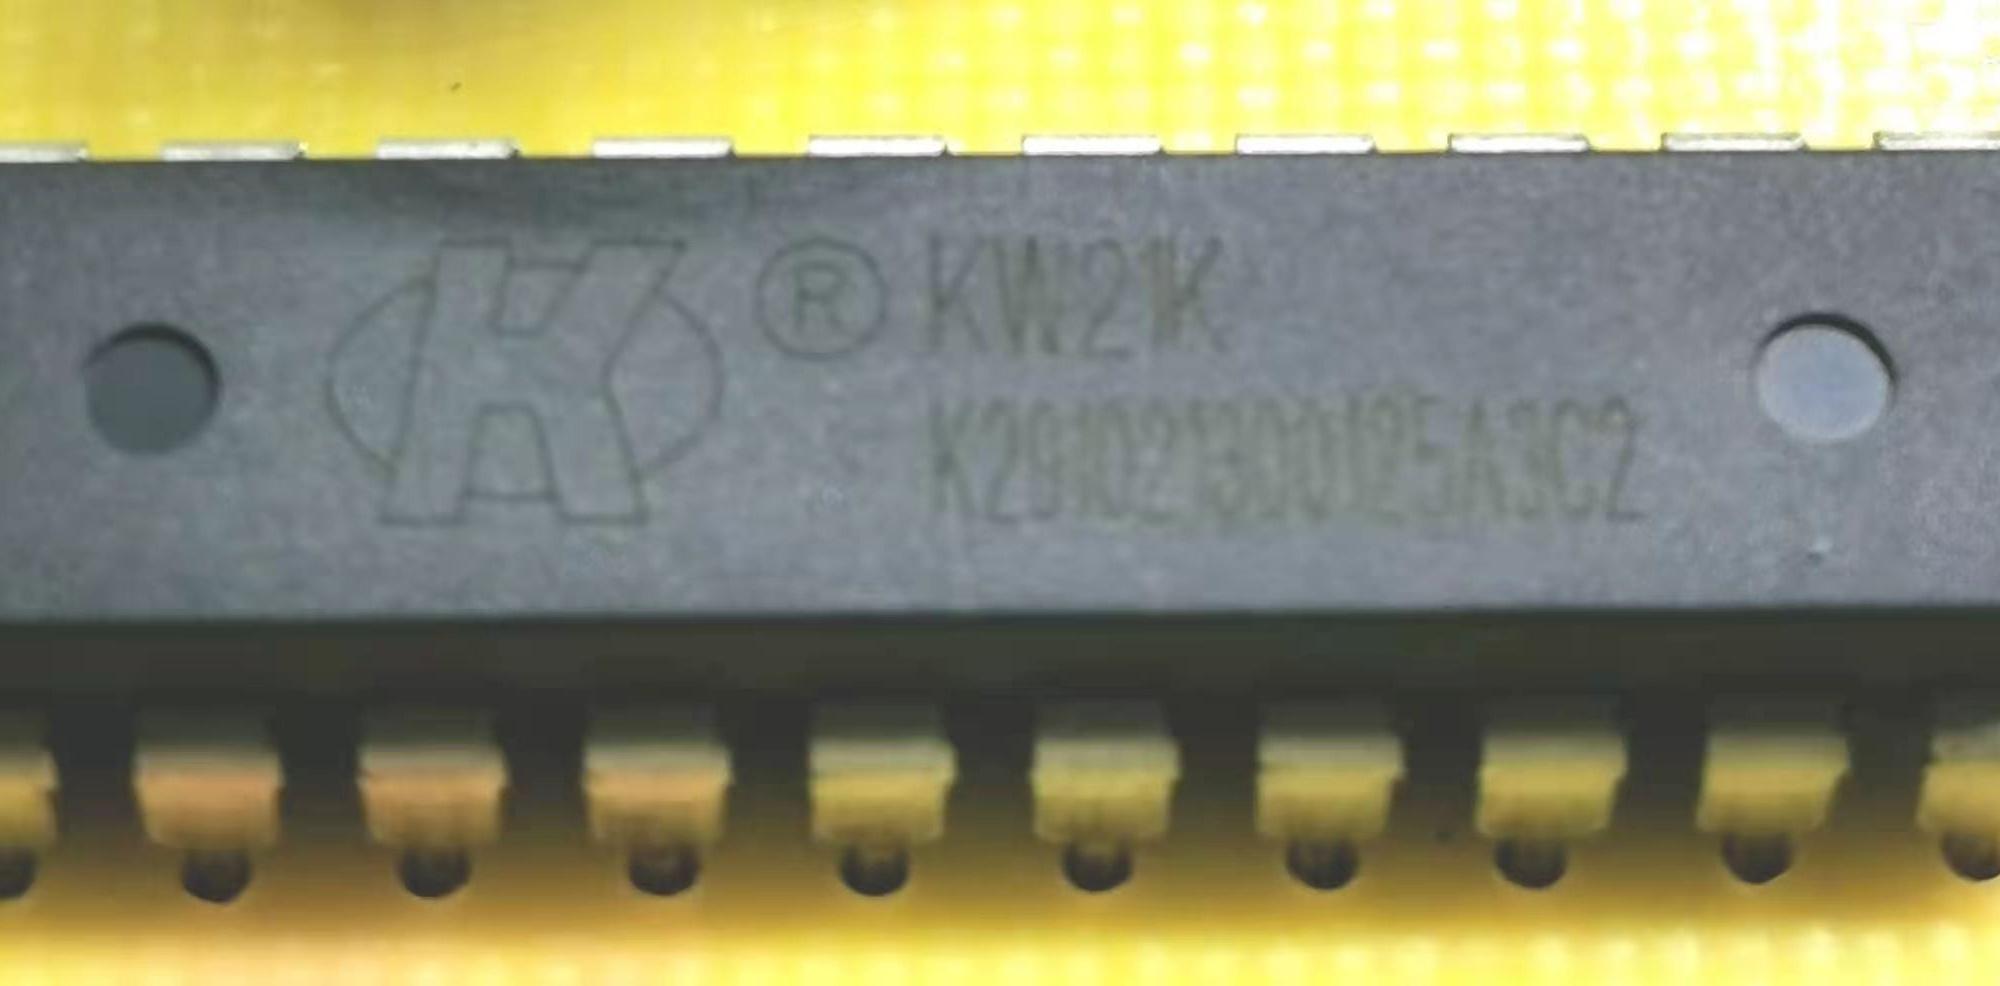 请问如下芯片是何芯片?如何替换